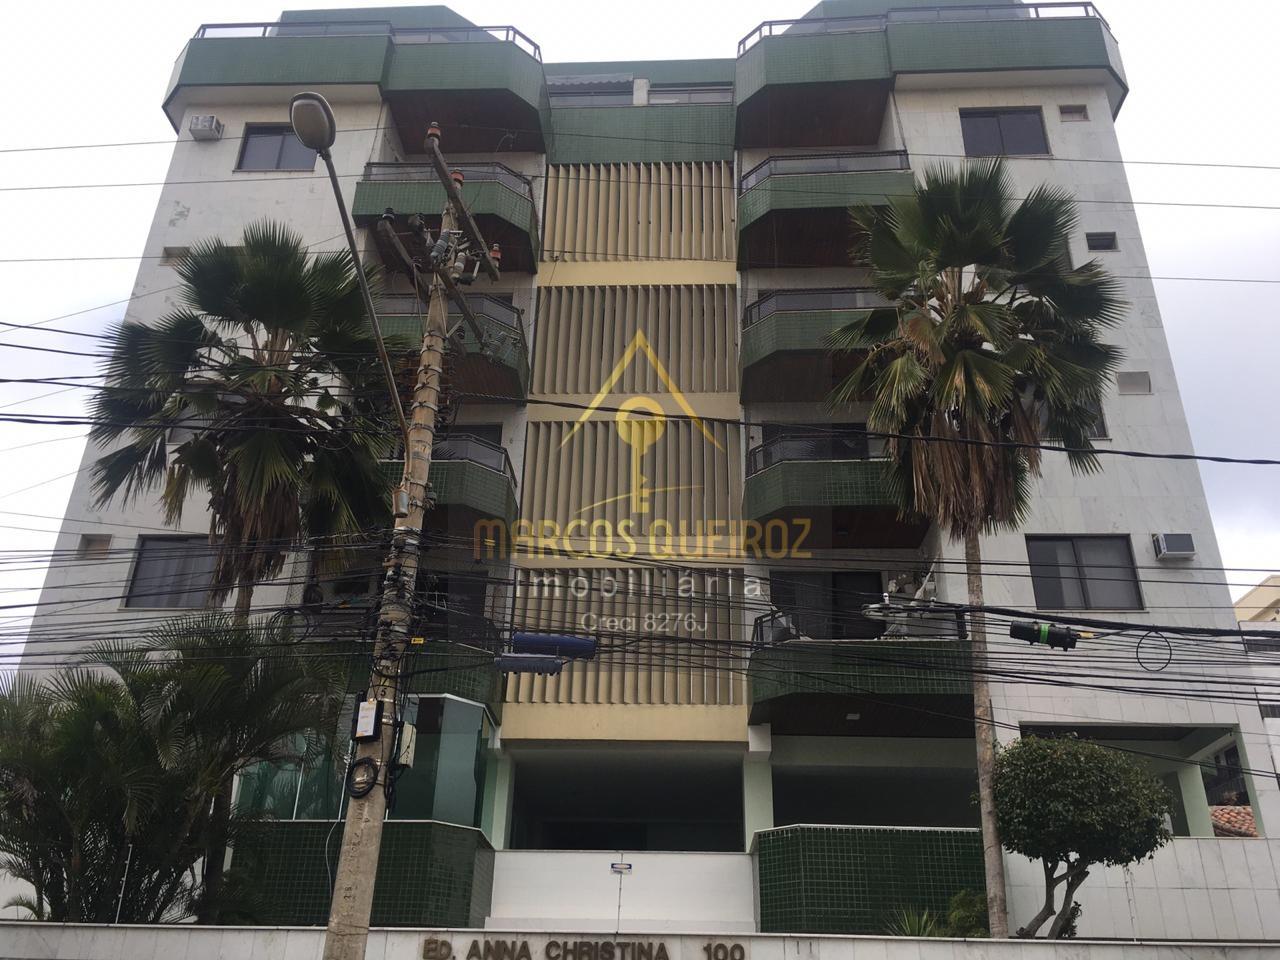 Cod: F91 Apartamento para aluguel fixo – 400 metros da Praia do Forte